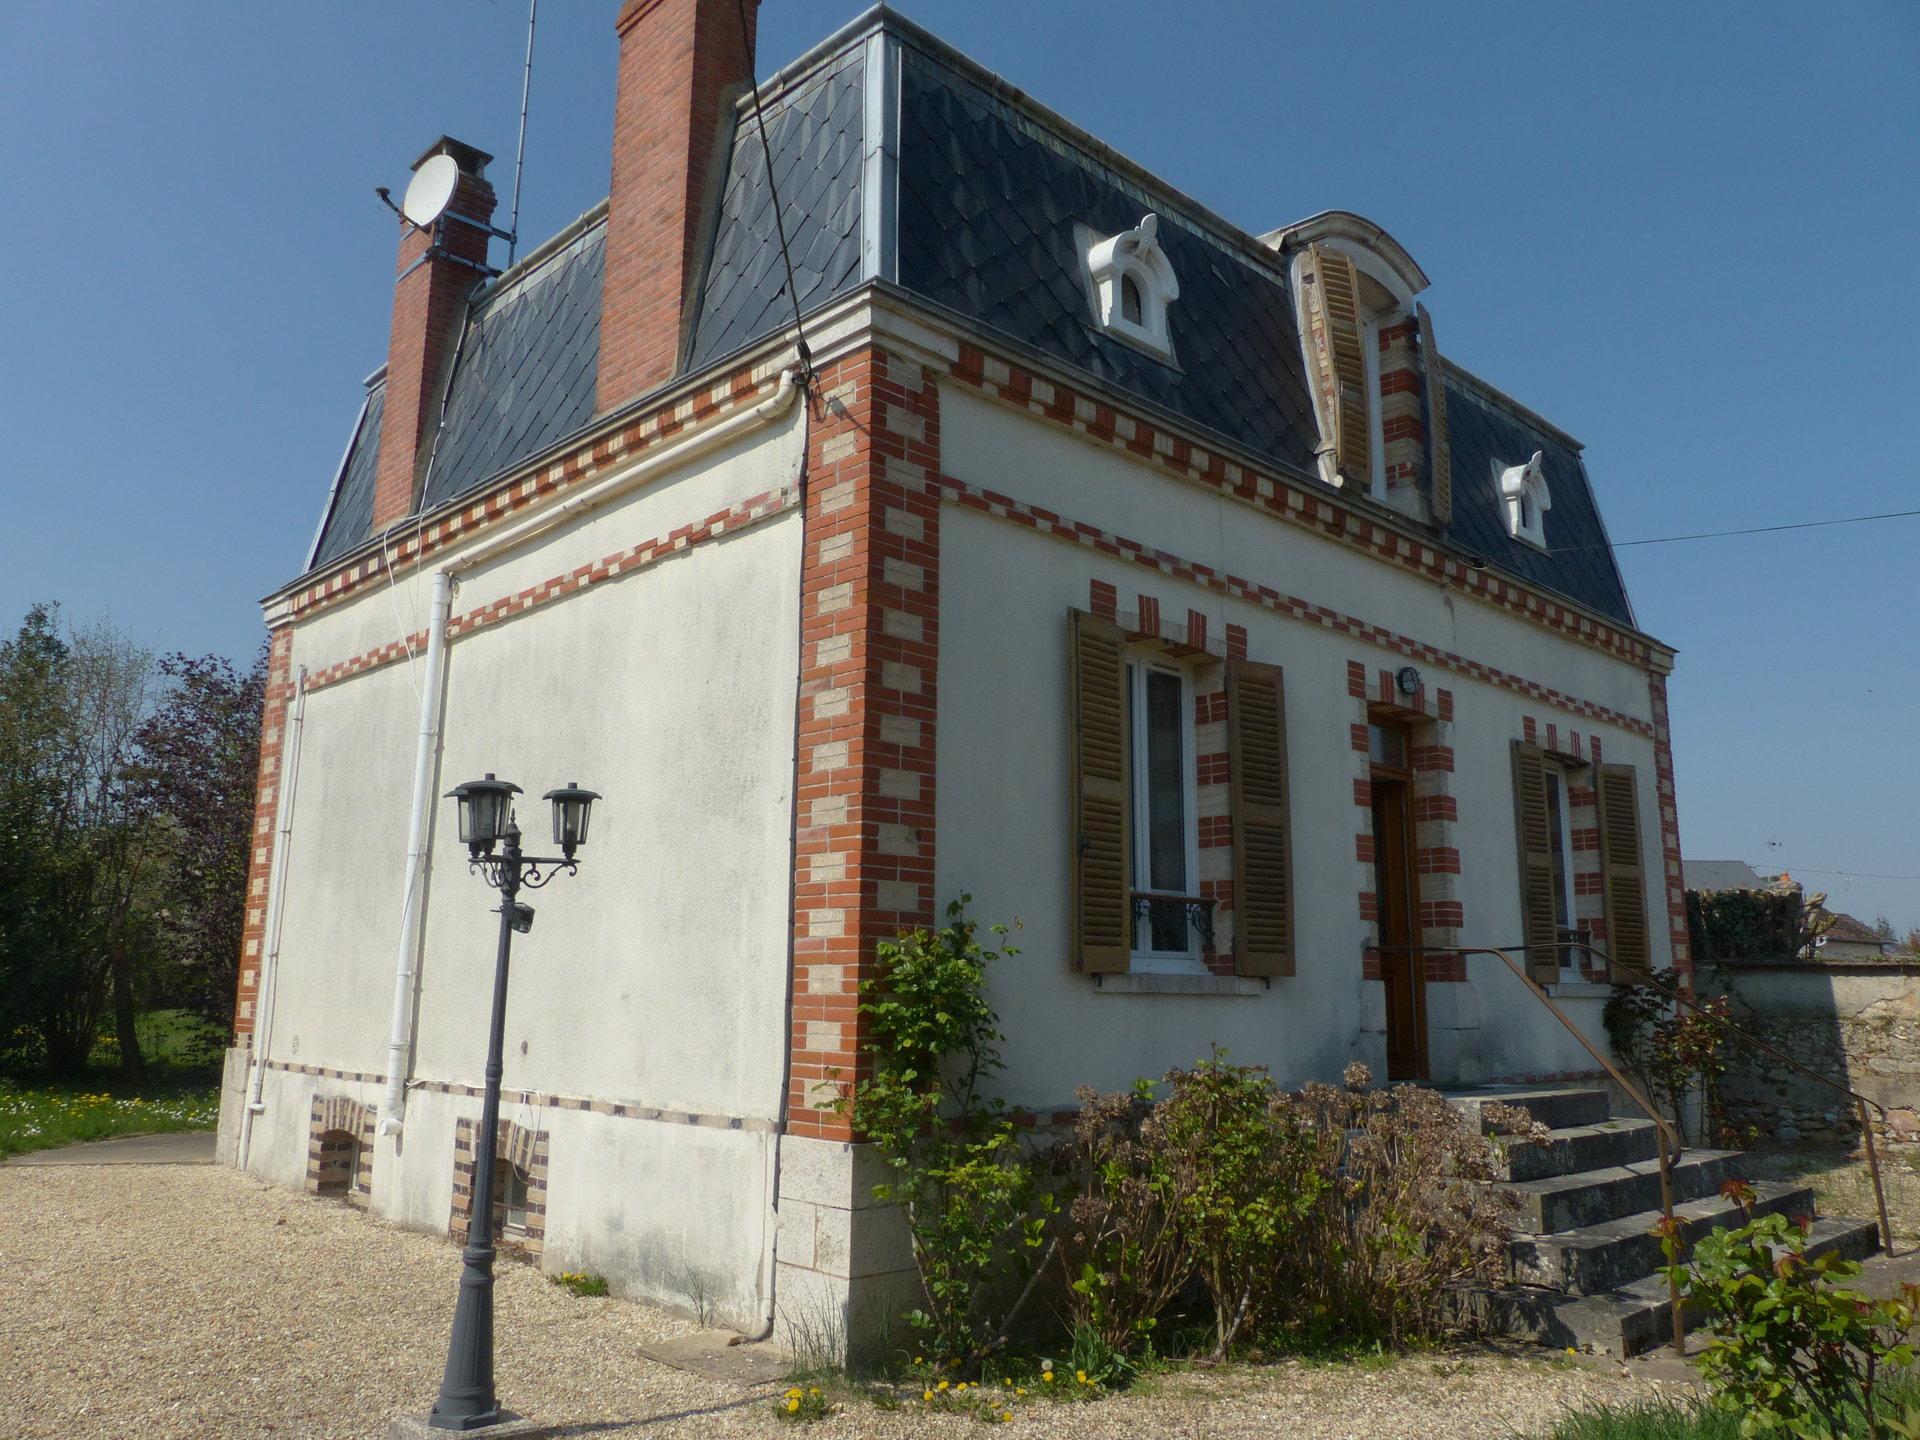 Maison bourgeoise 4 chambres sur 972 m², écoles sur place